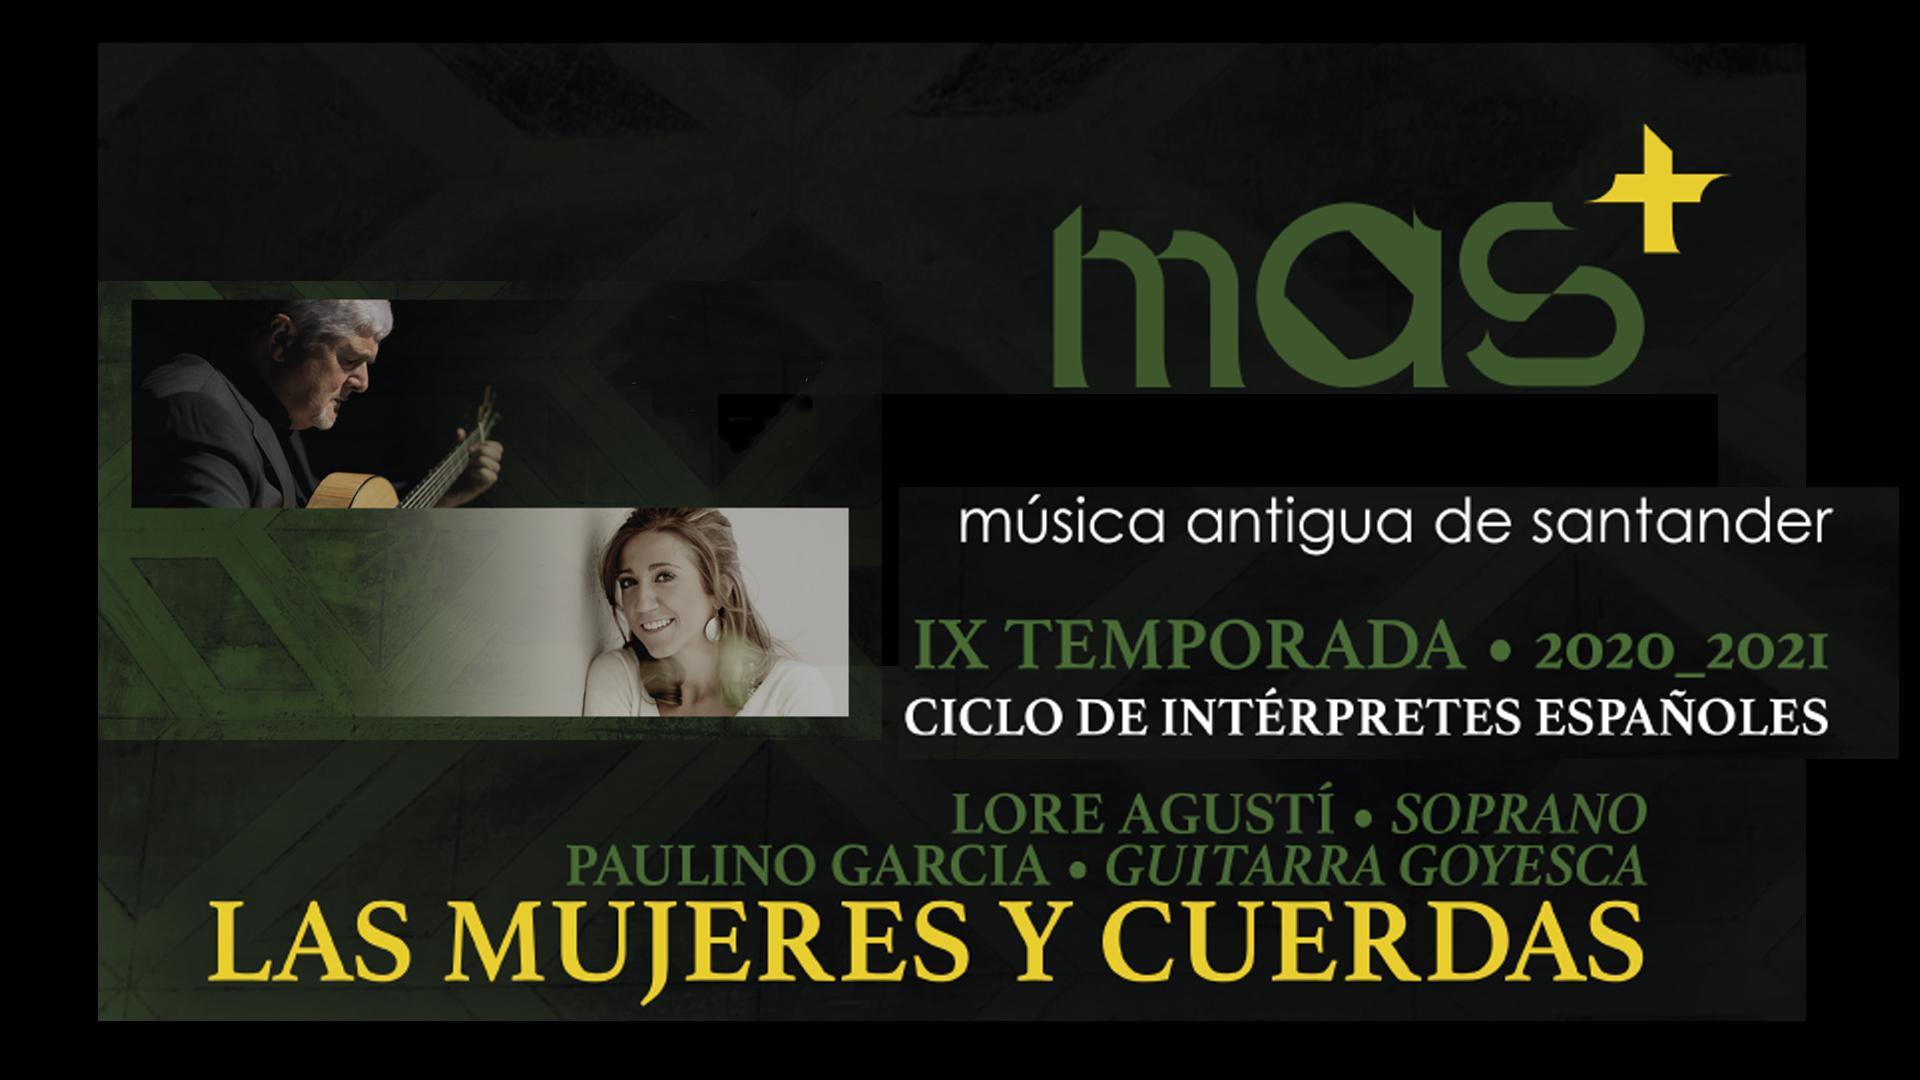 """MÚSICA. """"Las Mujeres y Cuerdas"""". Lore Agustí, Soprano. Paulino García, Guitarra Goyesca. MAS +"""